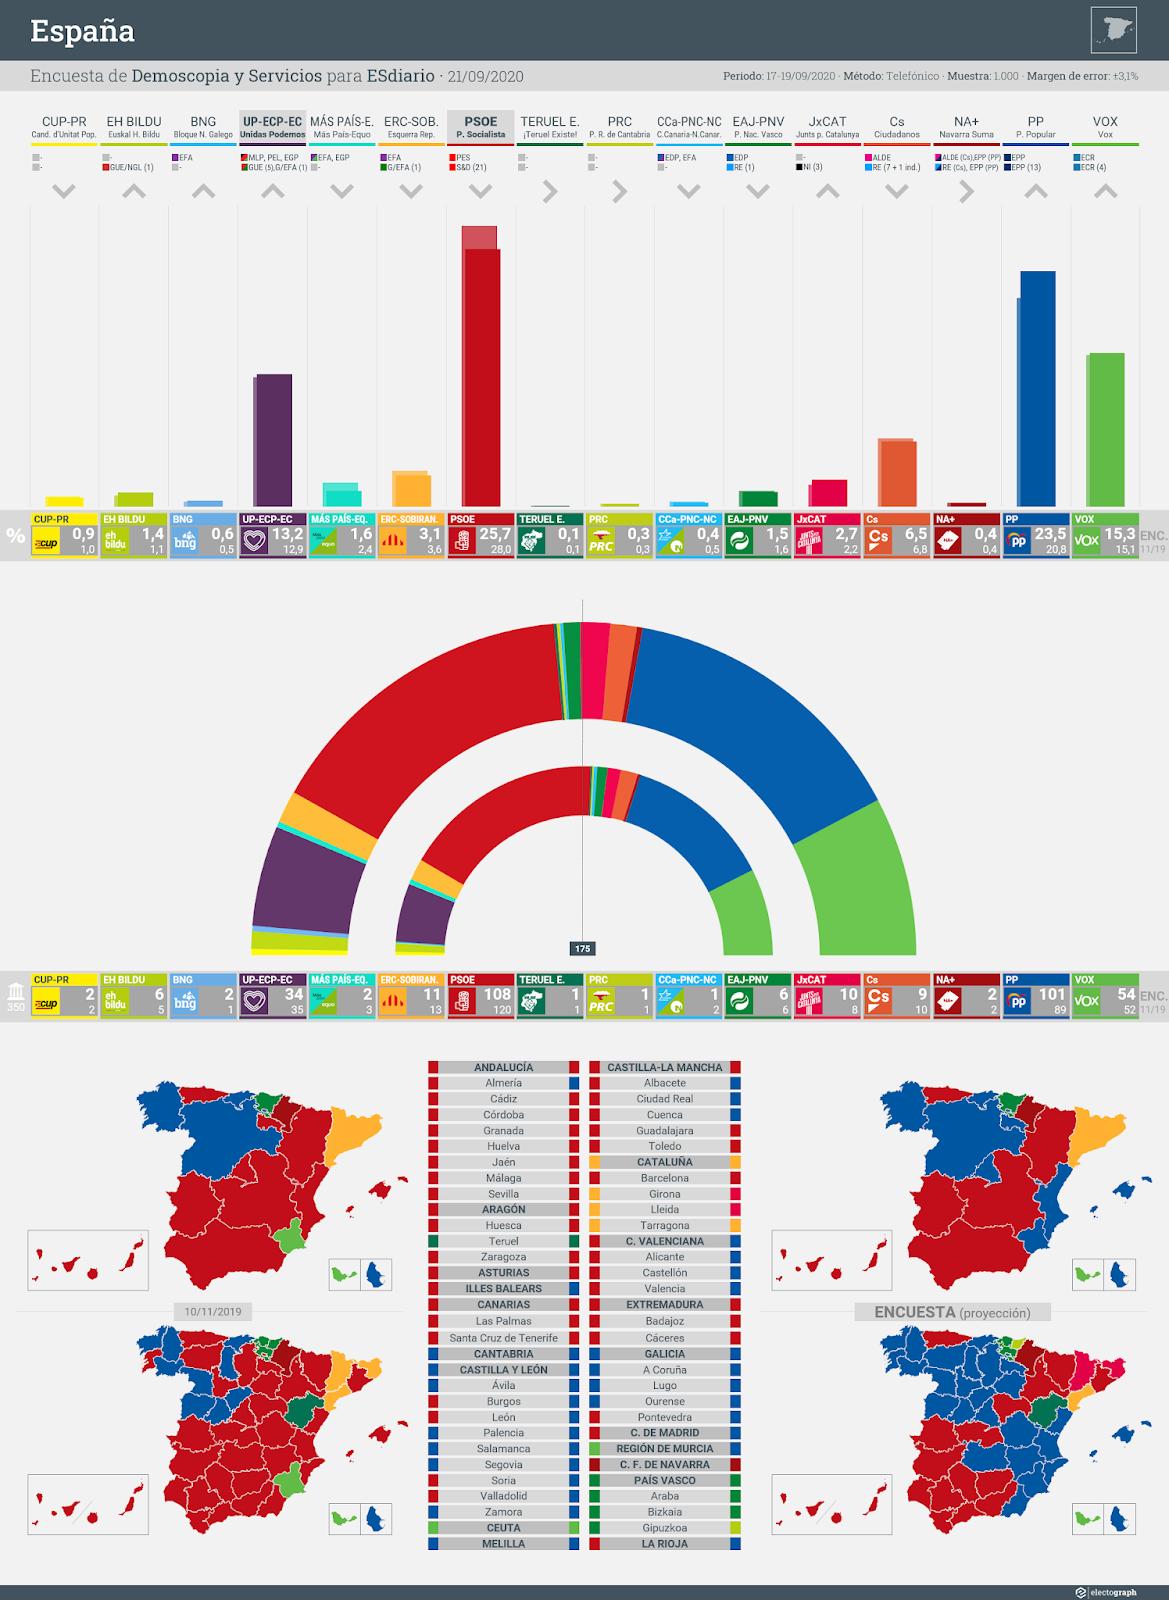 Gráfico de la encuesta para elecciones generales en España realizada por Demoscopia y Servicios para ESdiario, 21 de septiembre de 2020